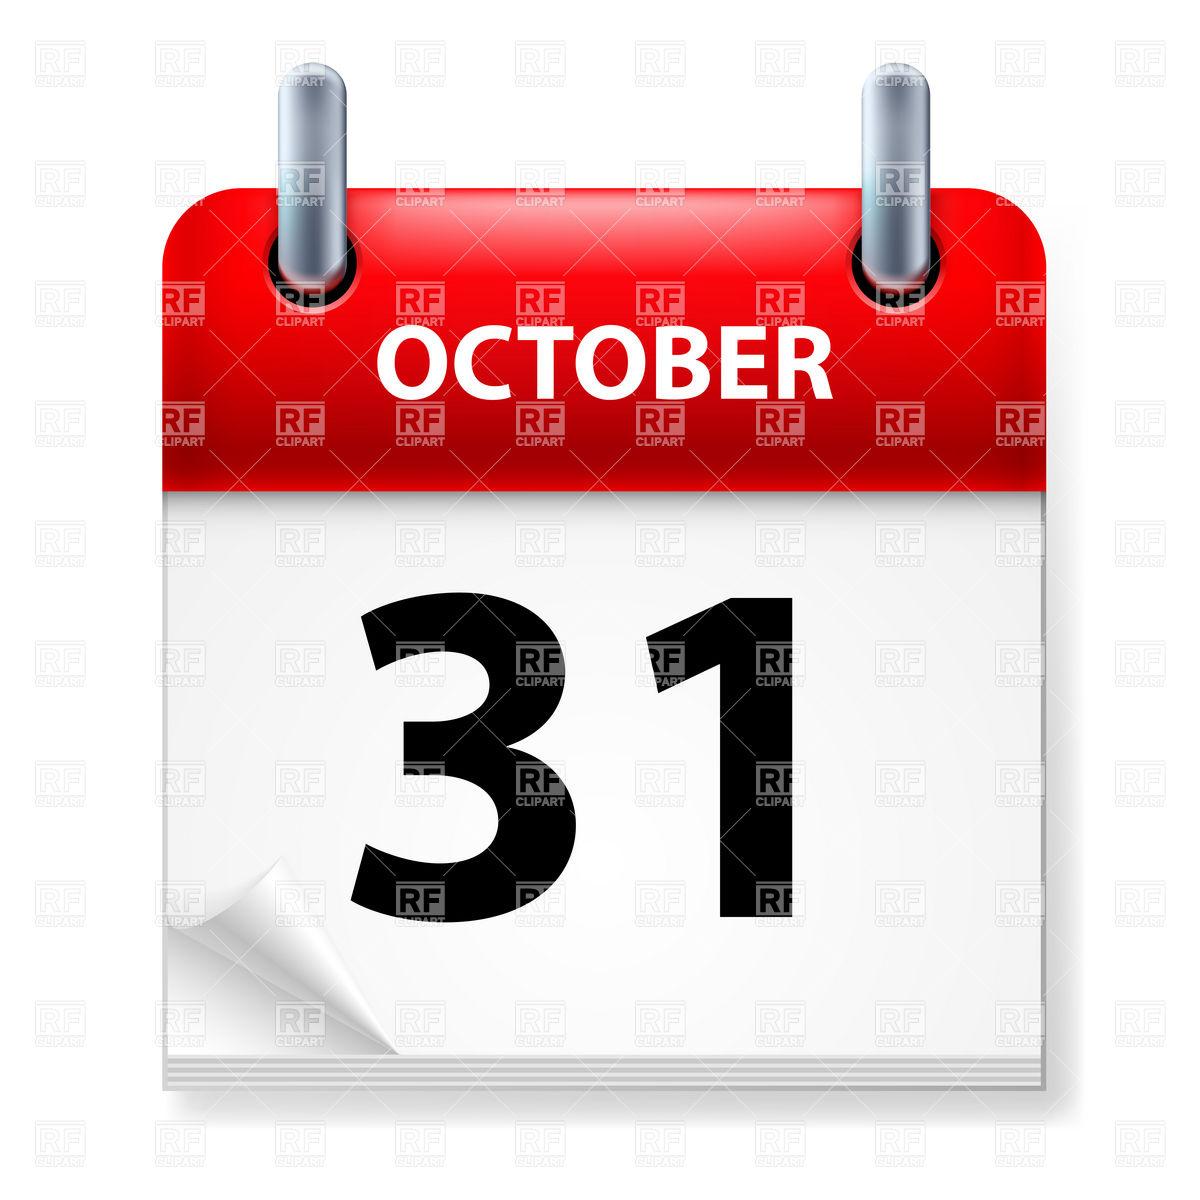 October 1938 calendar clipart svg October 31 - ClipartFox svg